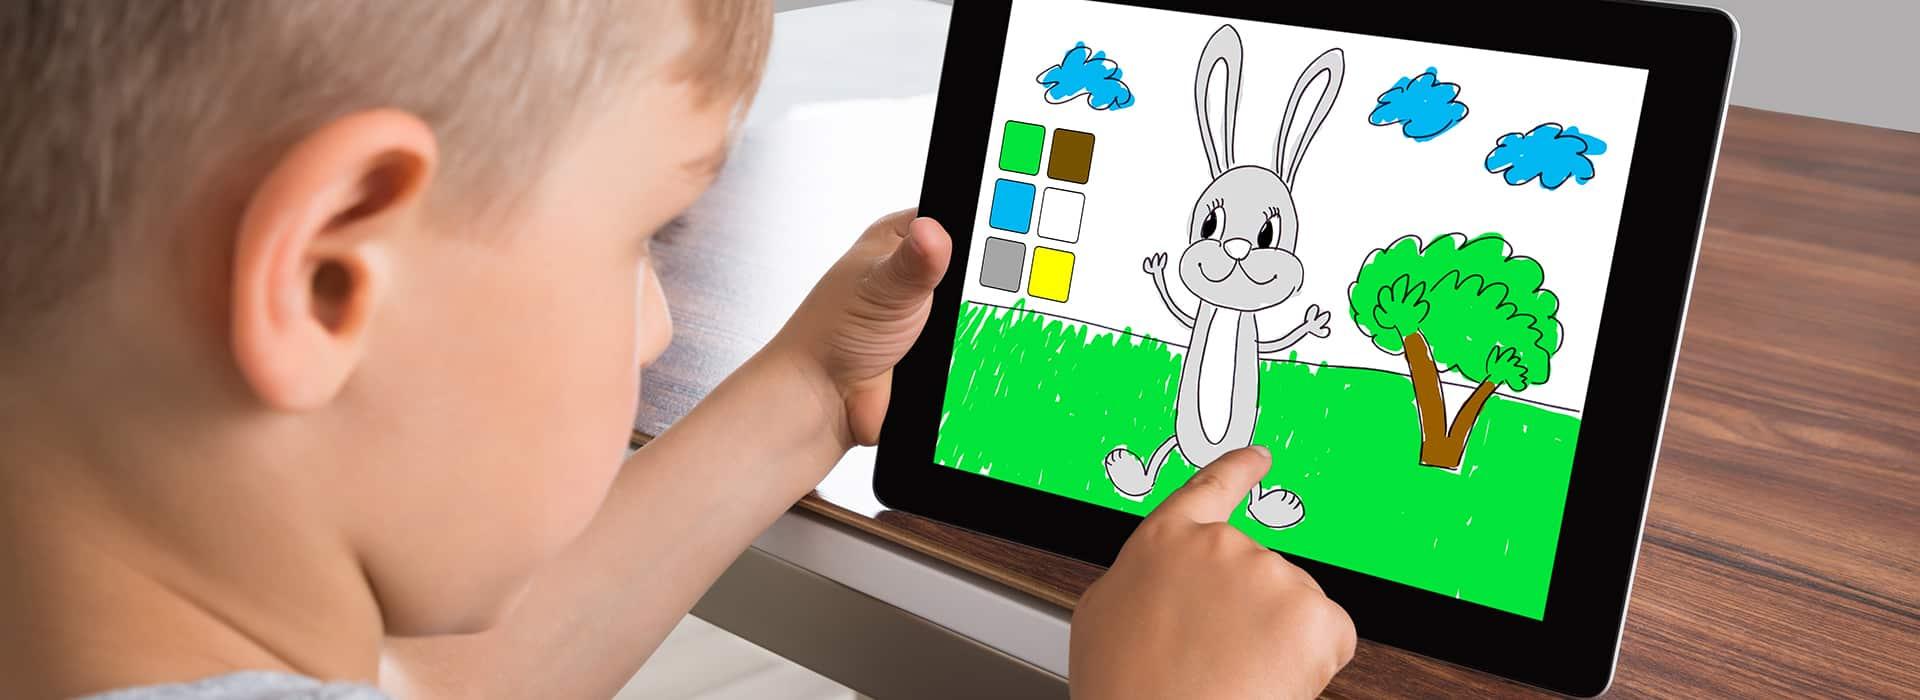 Tablette Enfant : Voici Les Meilleurs Modèles À Offrir En 2020 encequiconcerne Tablette Jeux 4 Ans